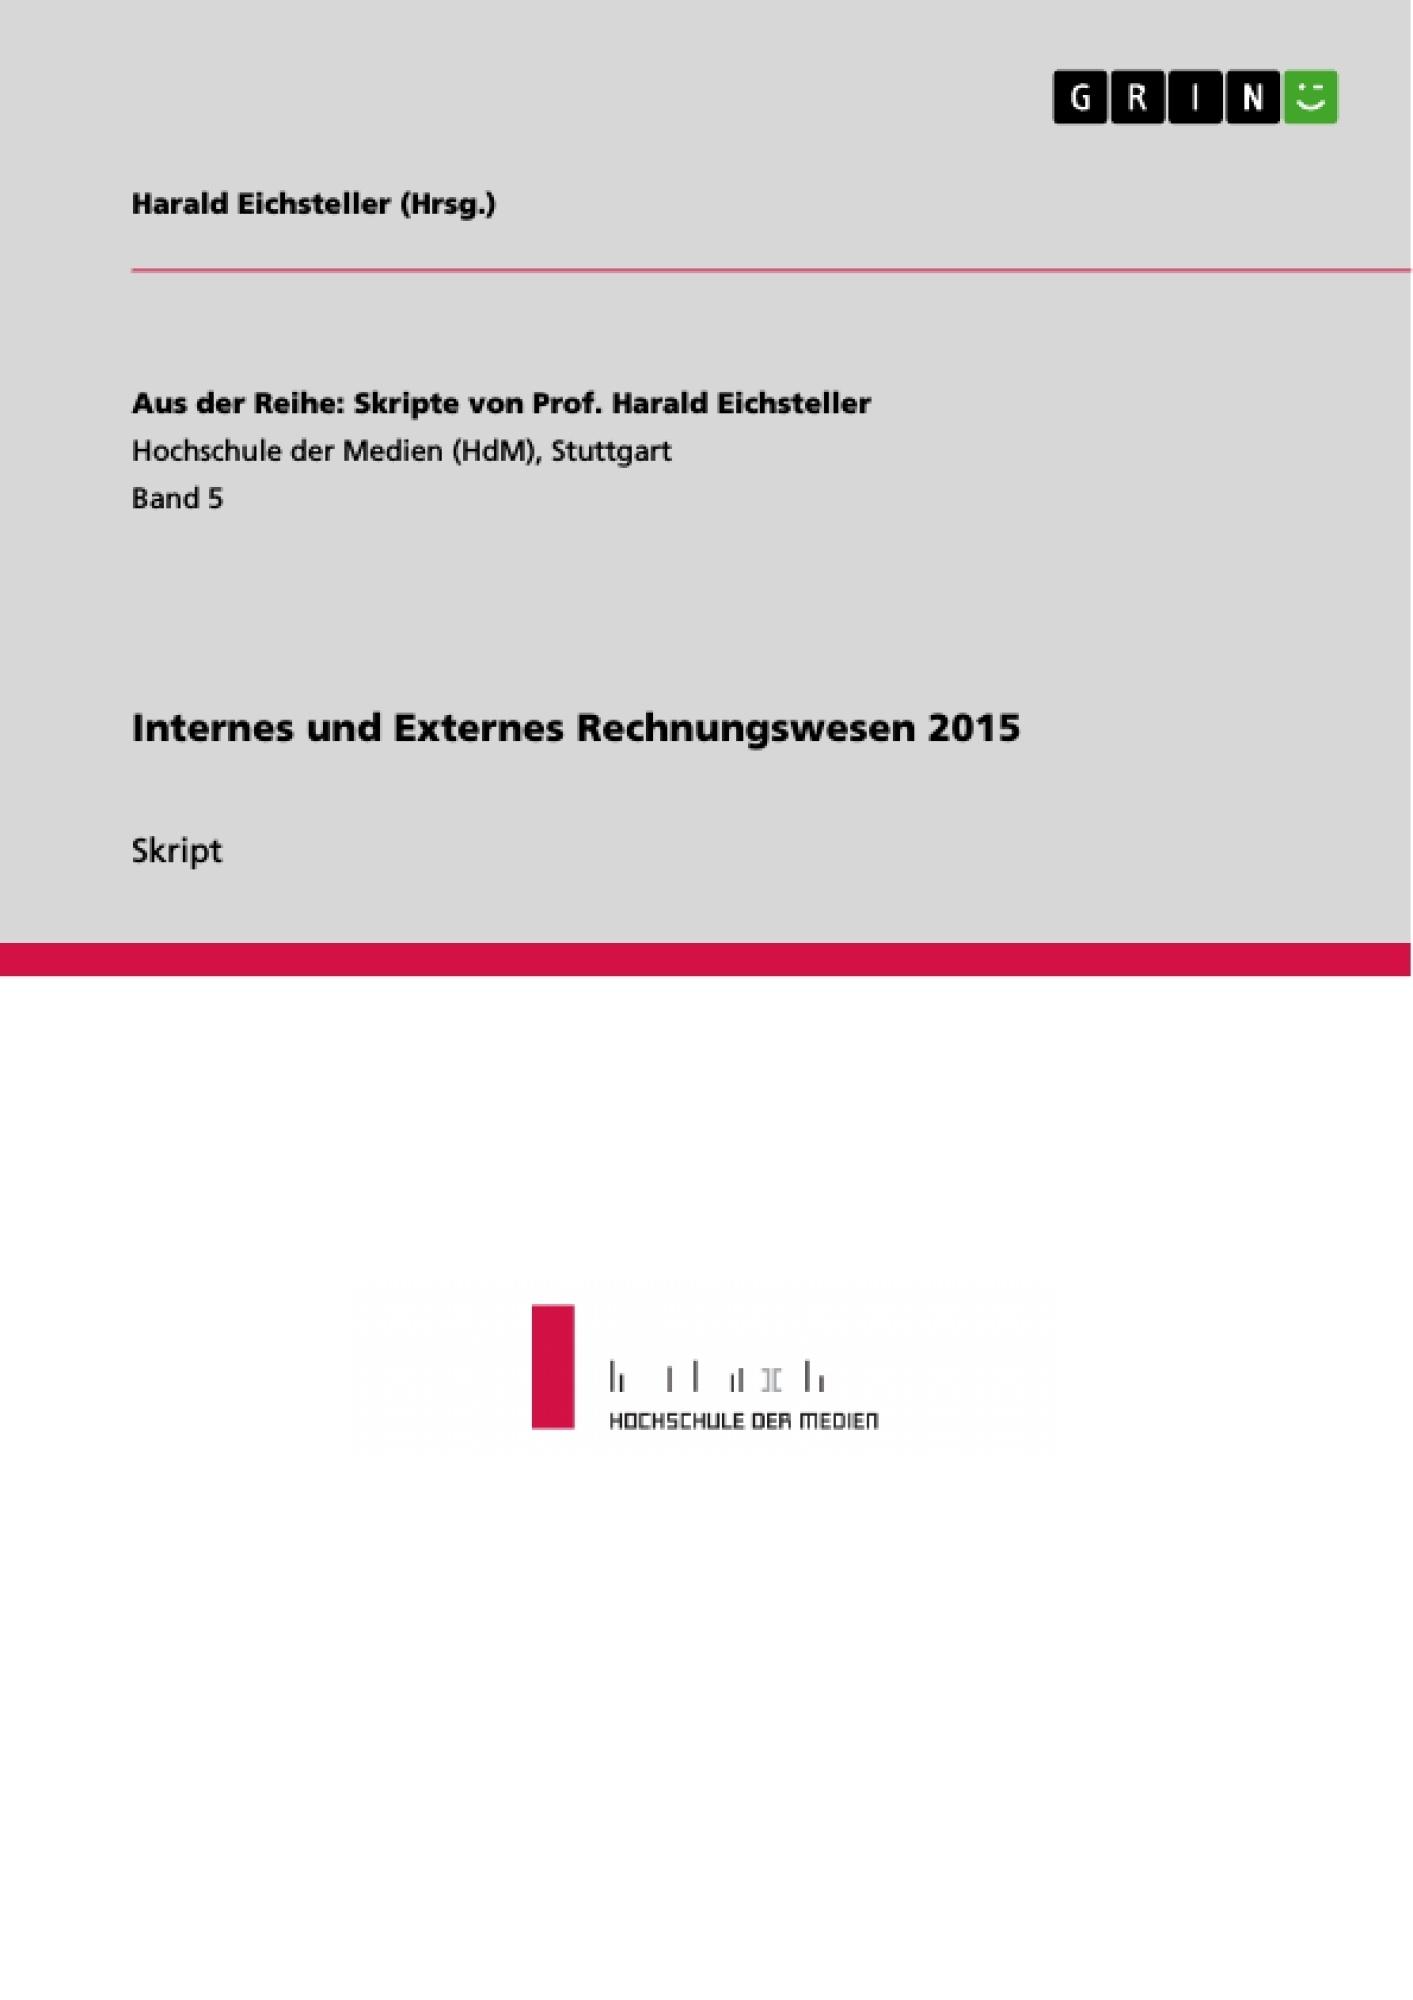 Titel: Internes und Externes Rechnungswesen 2015